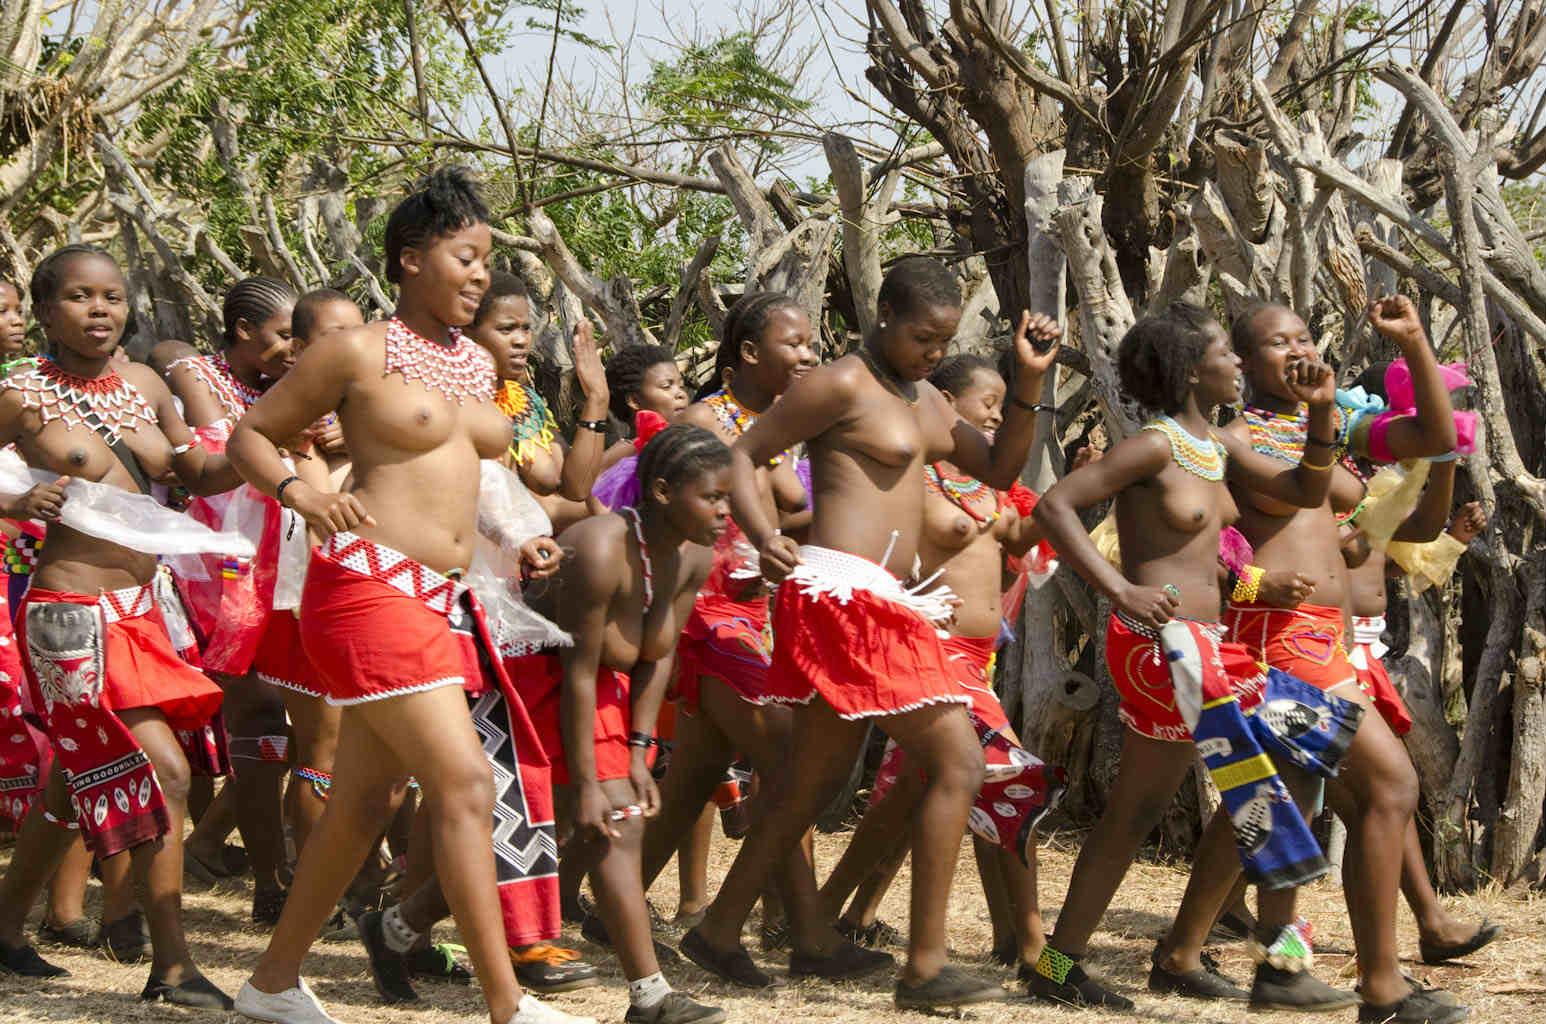 アフリカ爆乳裸族(リード・ダンスにて) (19)